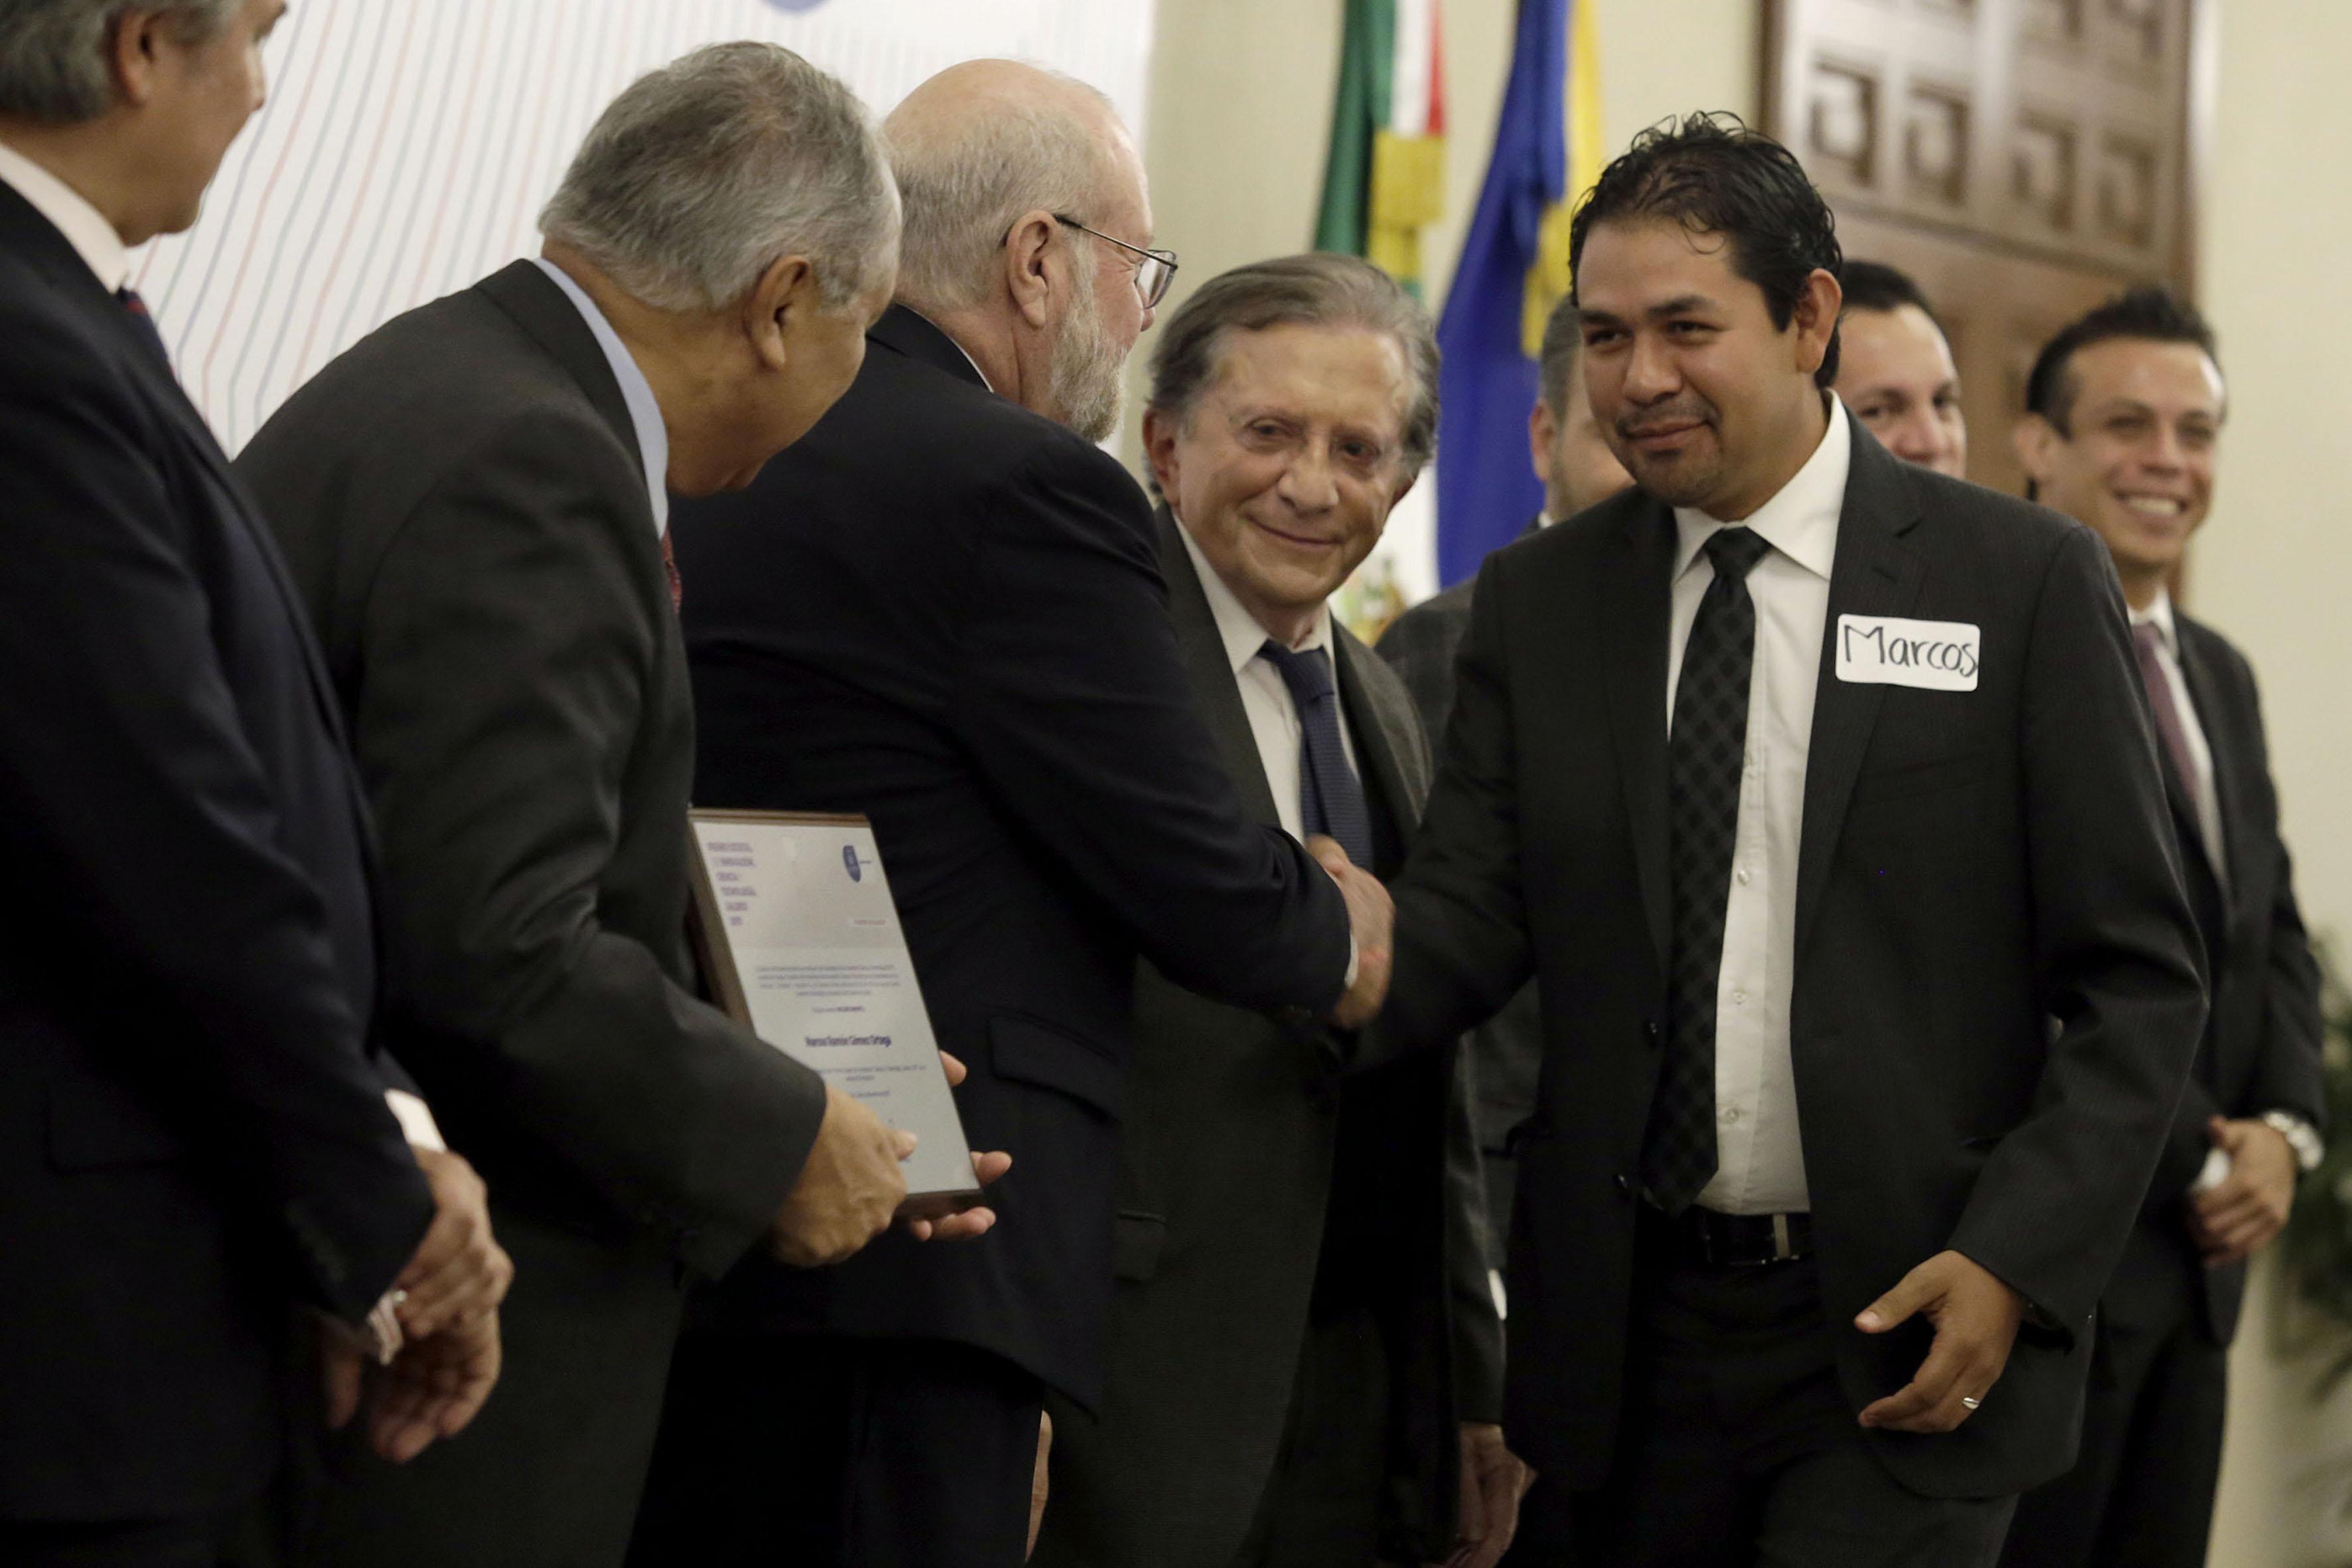 Ganador del Premio Estatal de Innovación, Ciencia y Tecnología 2017, recibiendo su reconocimiento